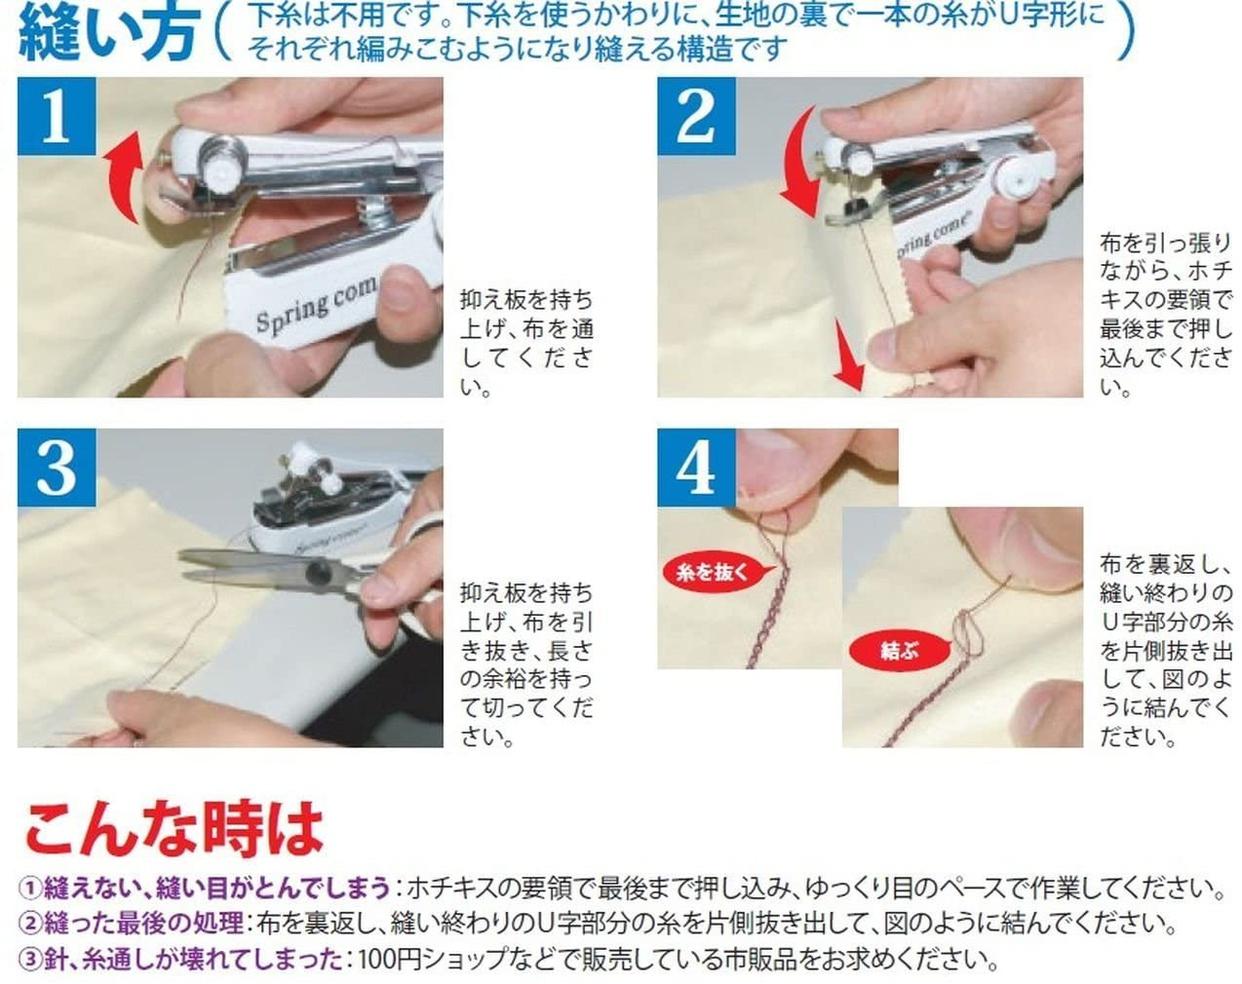 アルファスペース 片手で縫える ポータブル ハンディミシン AF-HM508の商品画像5